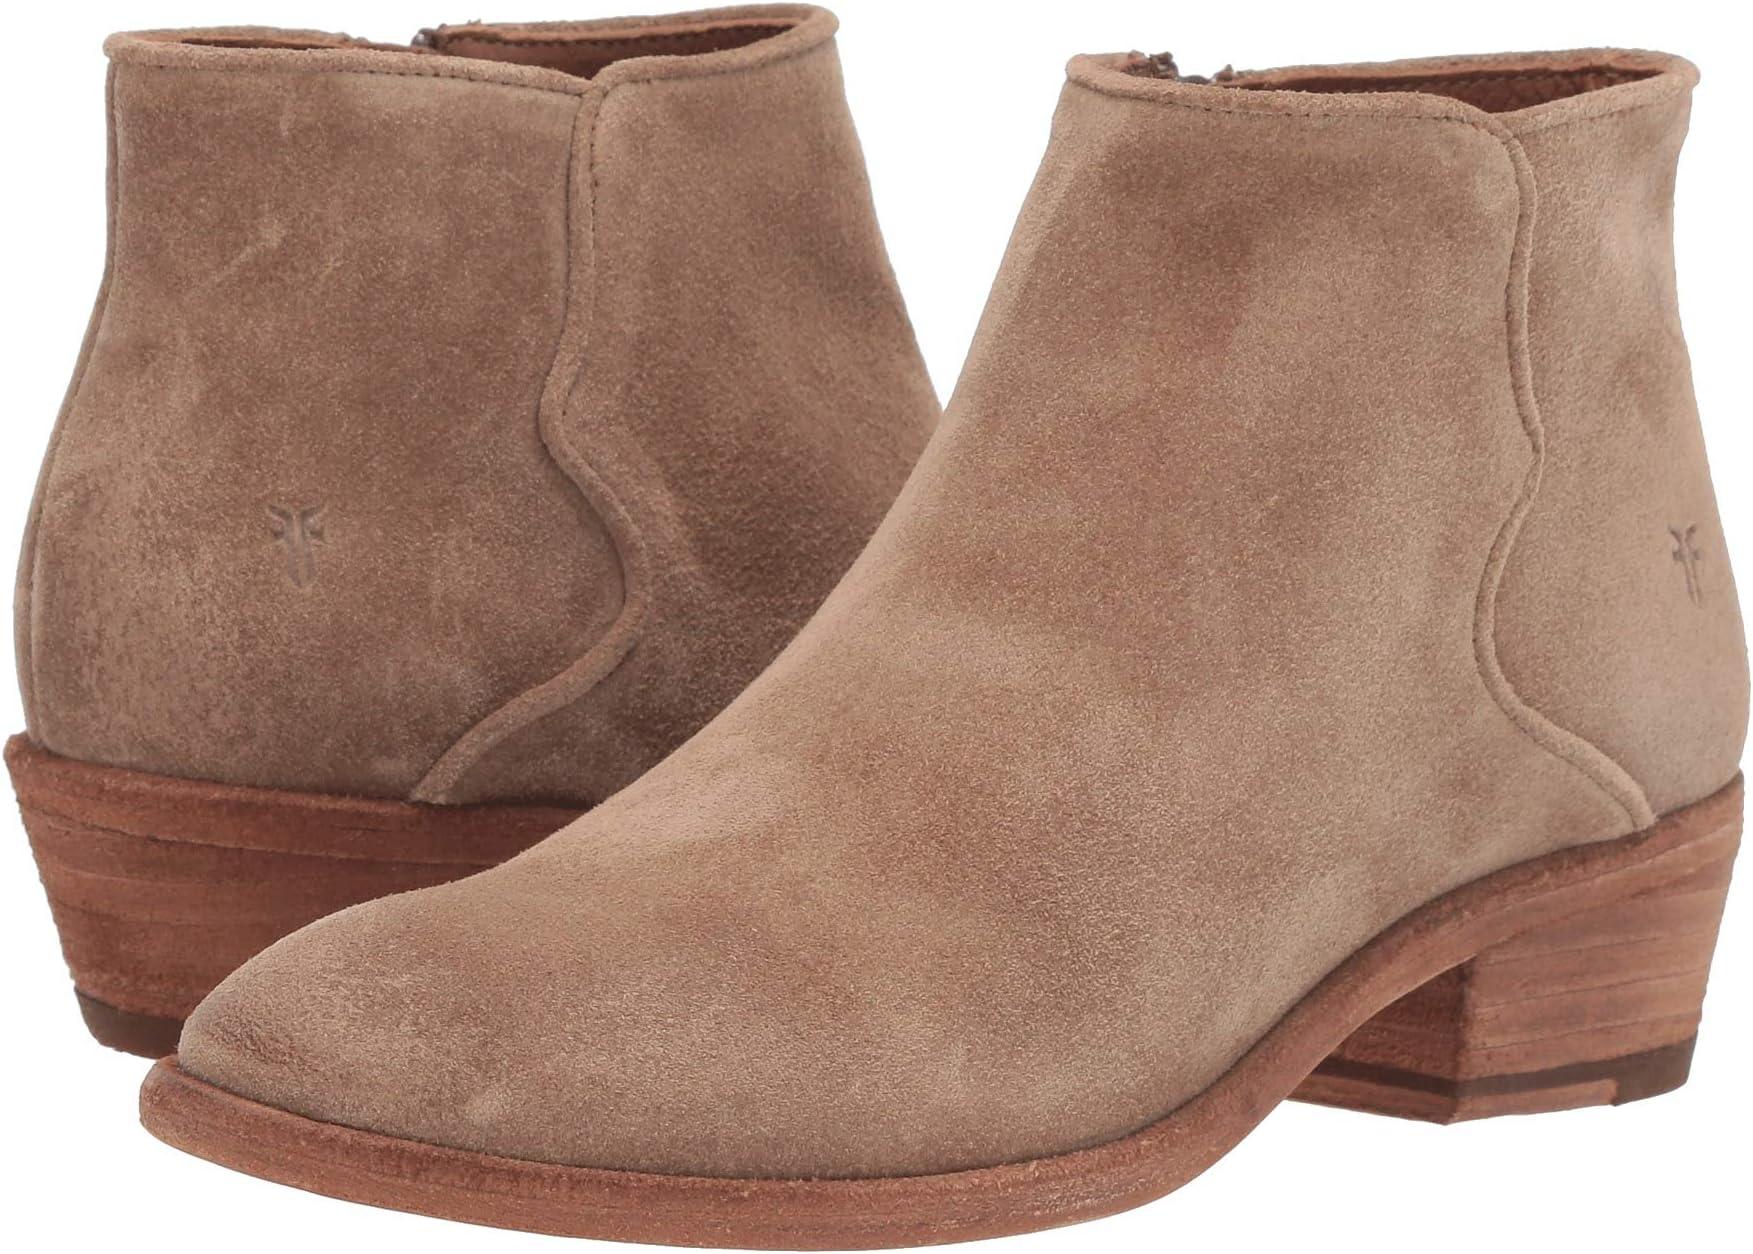 72221095a5f Frye Boots, Shoes & Handbags | Zappos.com